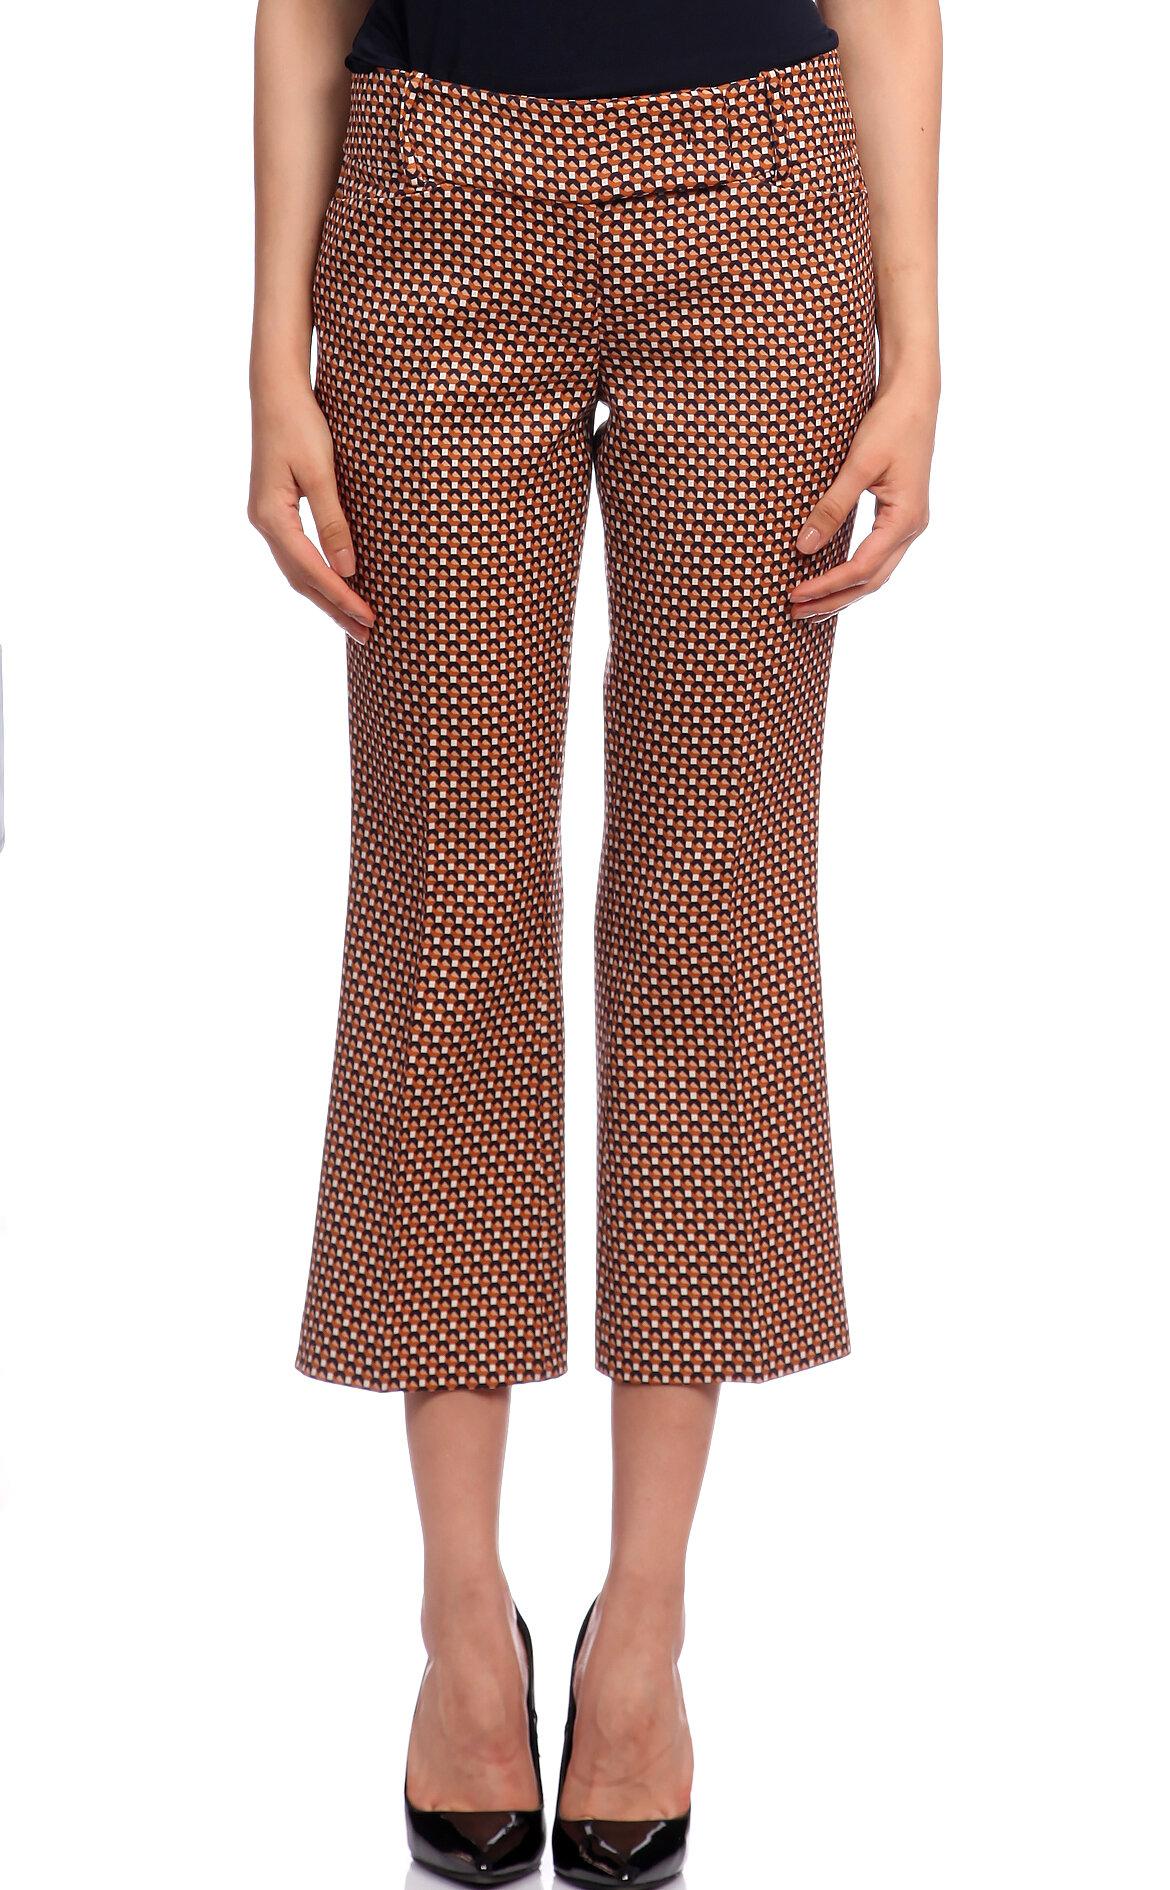 Michael Kors Collection-Michael Kors Collection Pantolon